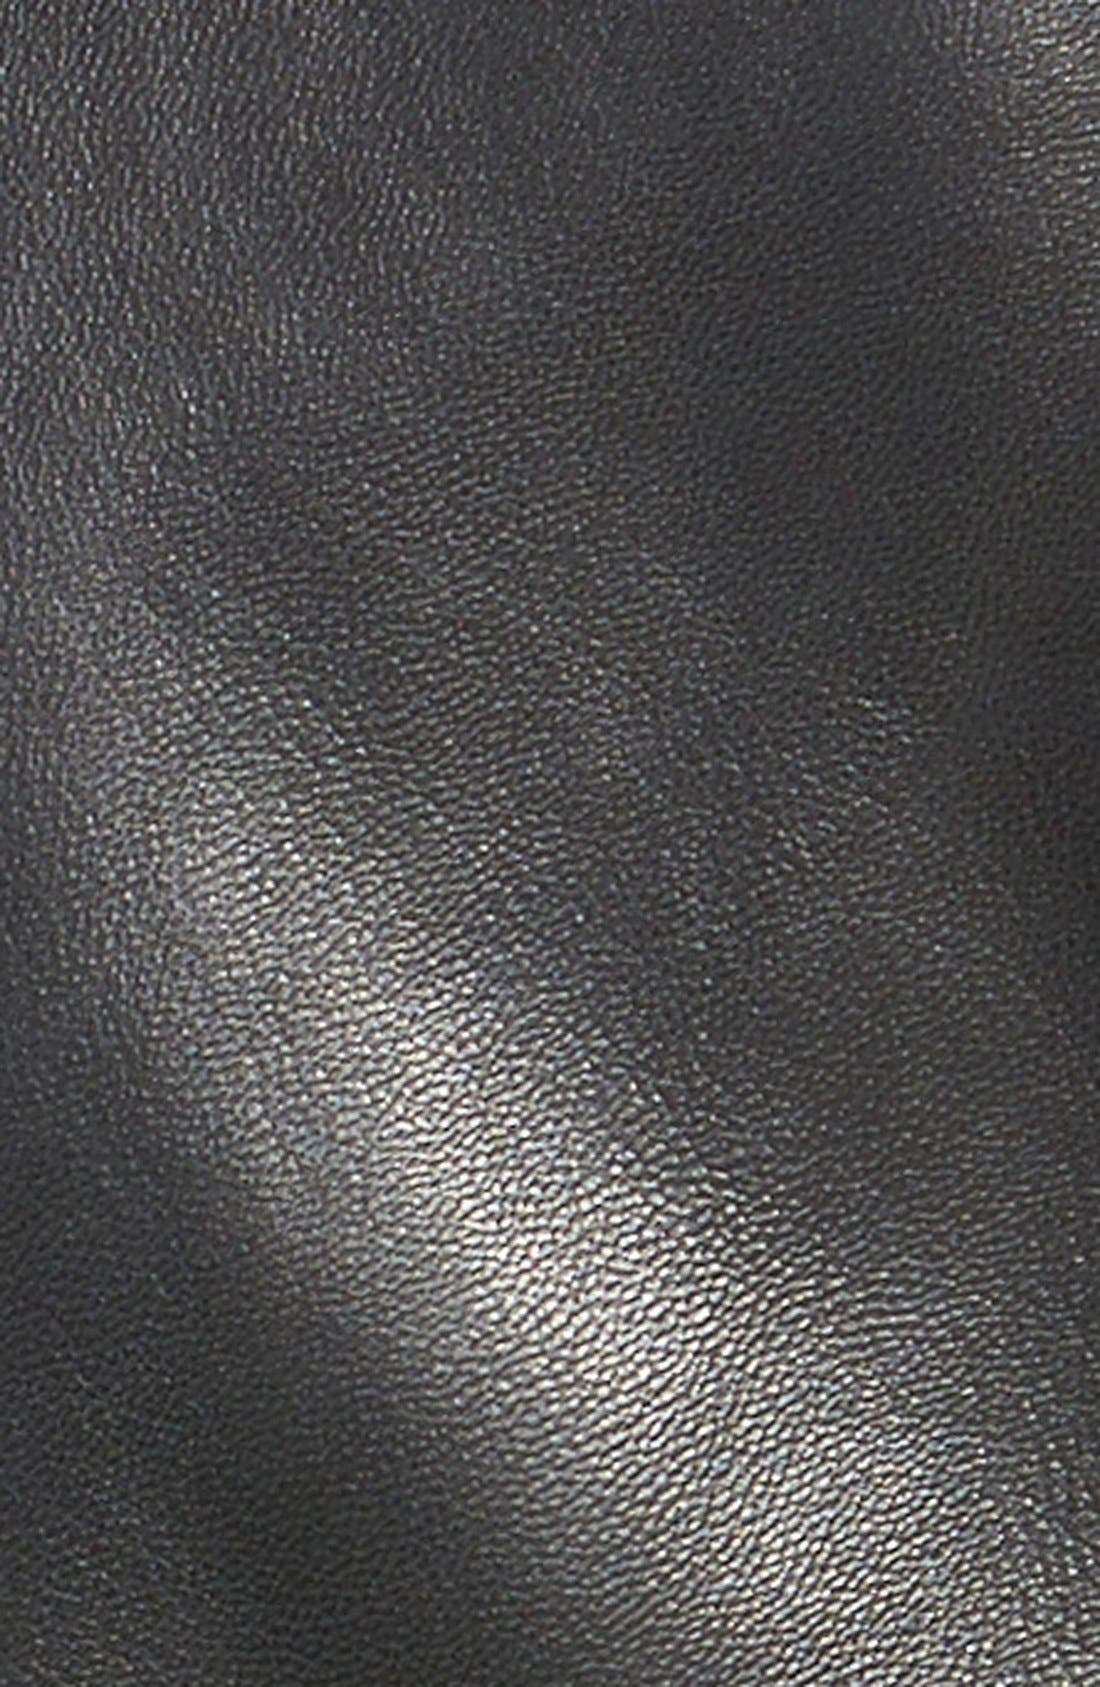 Alternate Image 3  - Halogen®SeamDetailLeather Jacket